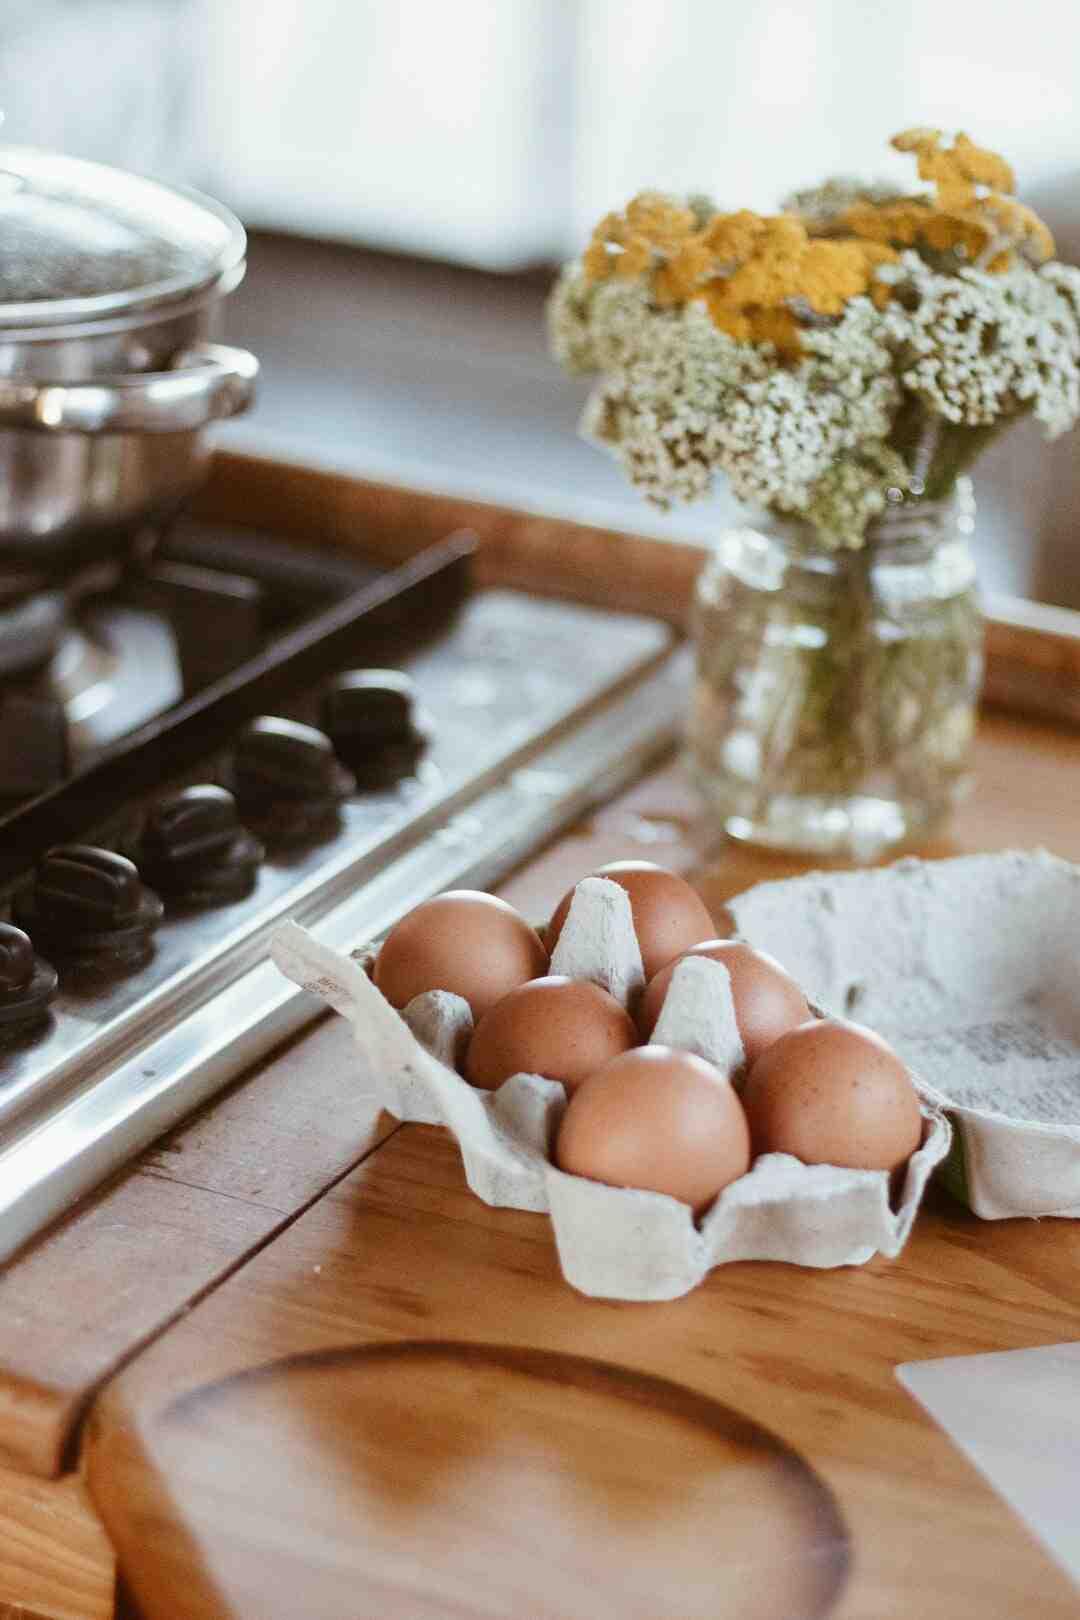 Comment boucher l'ouverture entre la cuisinière et le comptoir